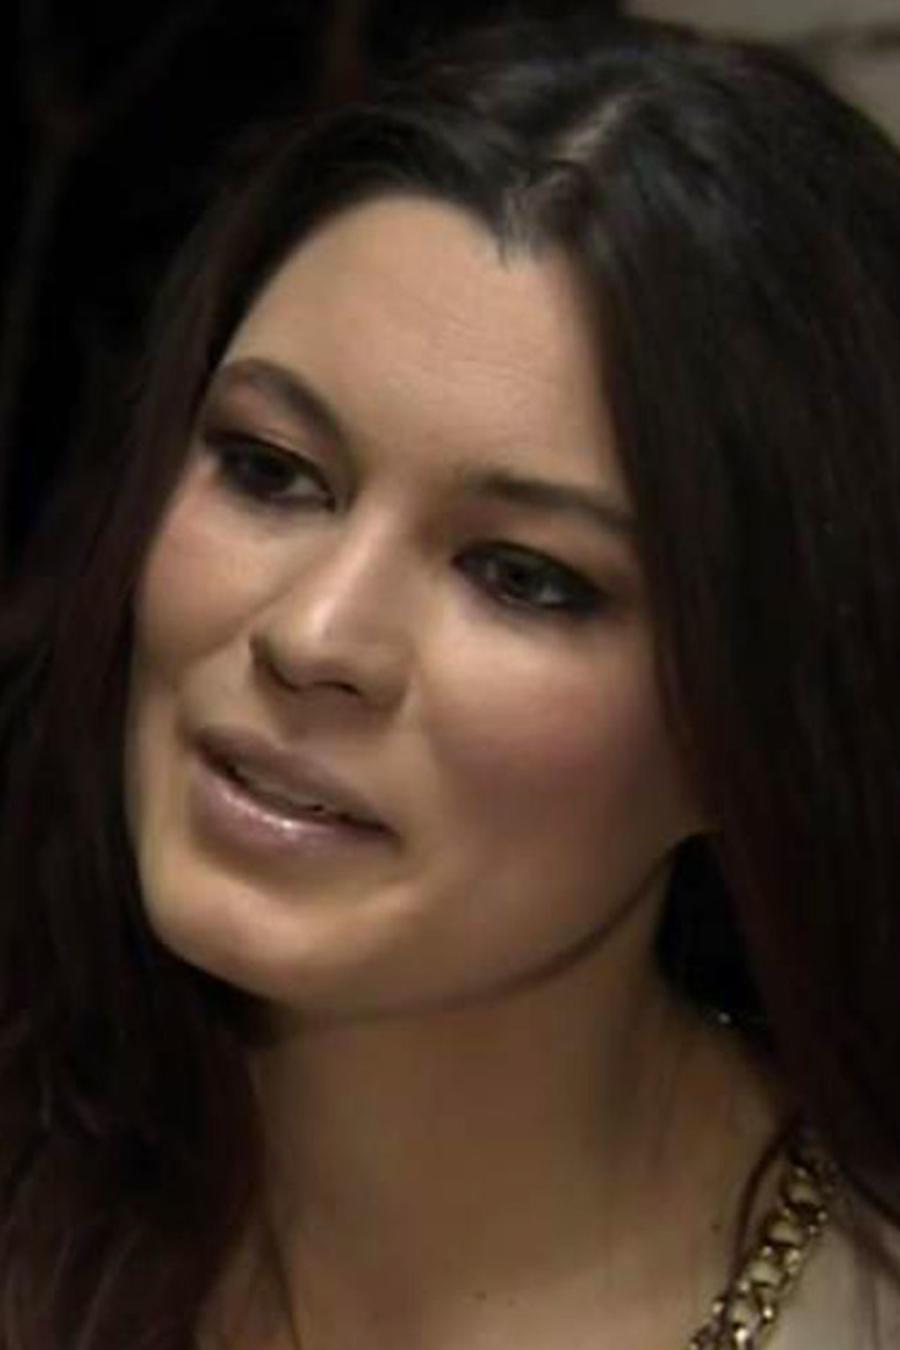 Natalia Subtil en Playboy y embarazada de 5 meses